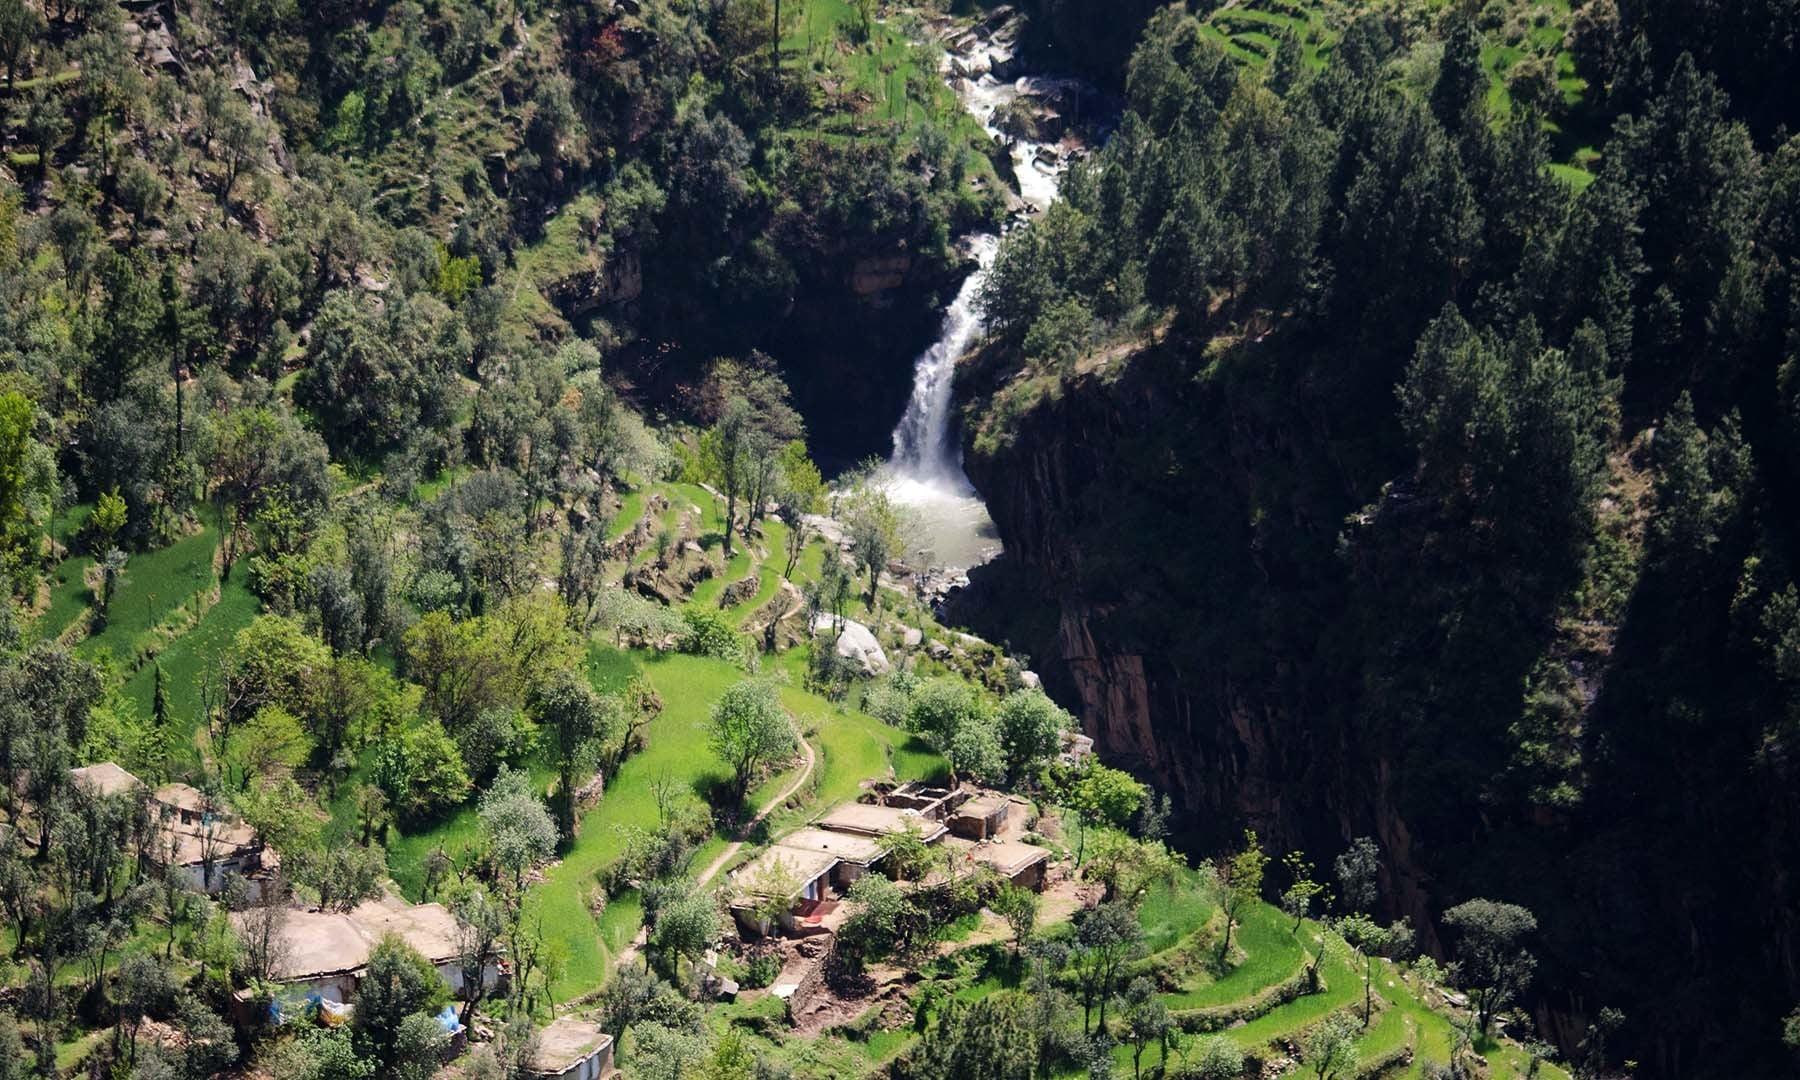 شنگرئی گاؤں سے آبشار کا ایک دلفریب منظر۔— فوٹو امجد علی سحاب